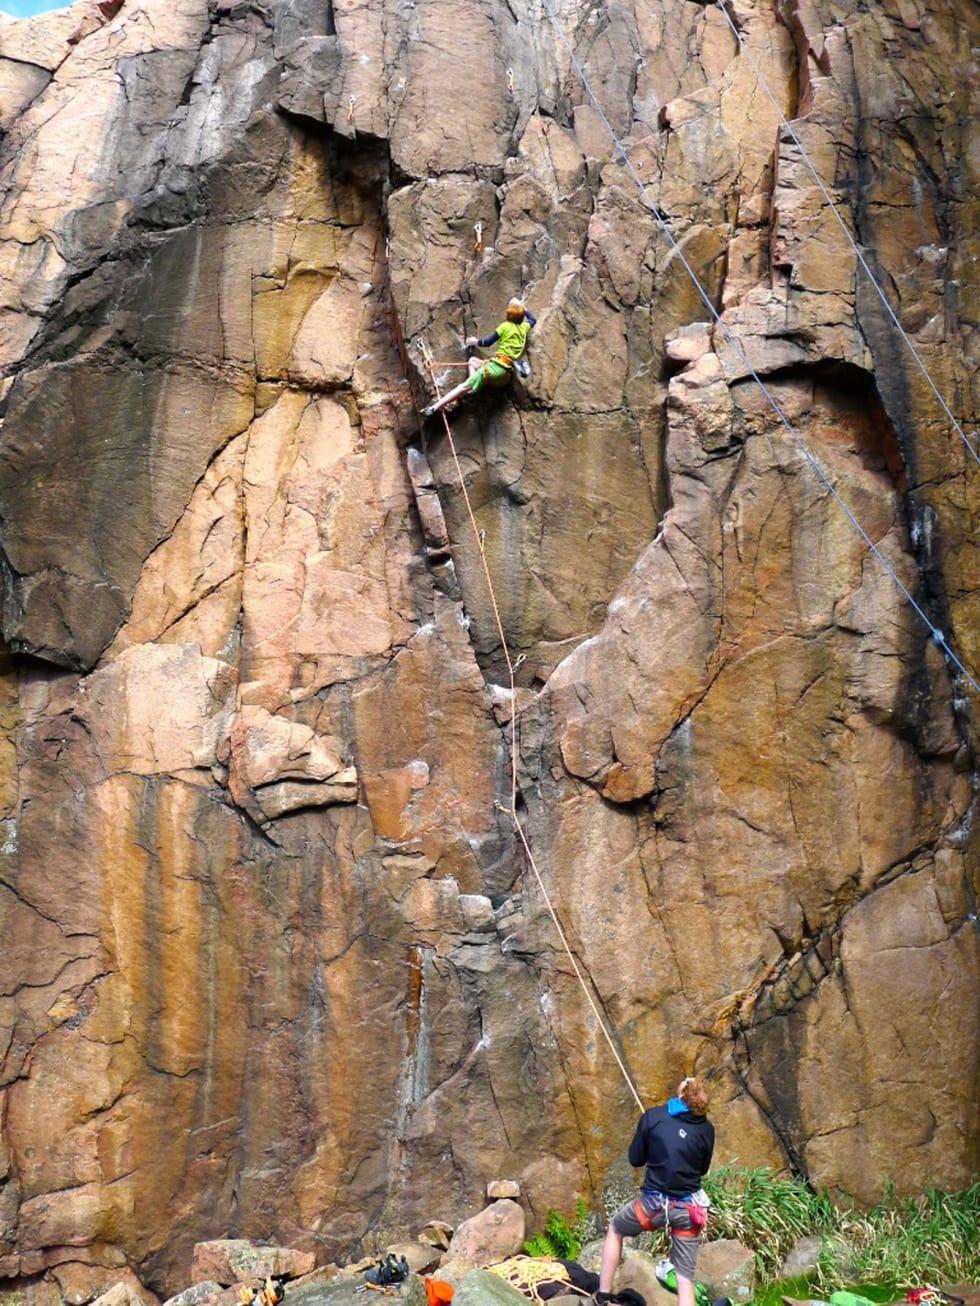 Naturlig: Per Ravlo Caspersen klatrer 8- på Tråleberget i Bohuslän. Foto: Robert Caspersen